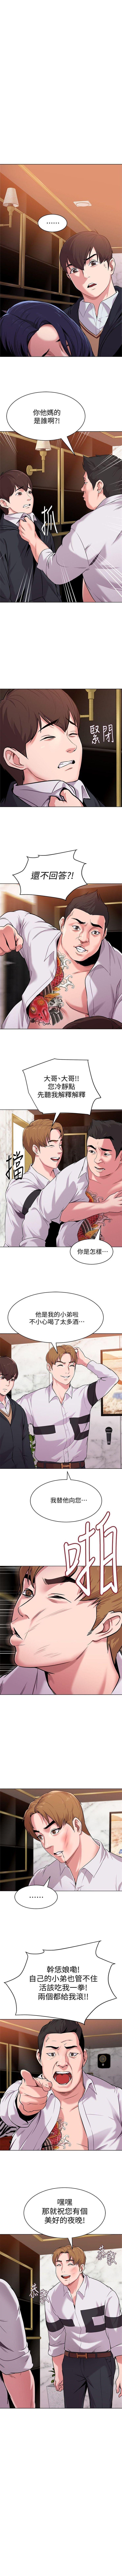 (周3)老师 1-56 中文翻译(更新中) 50